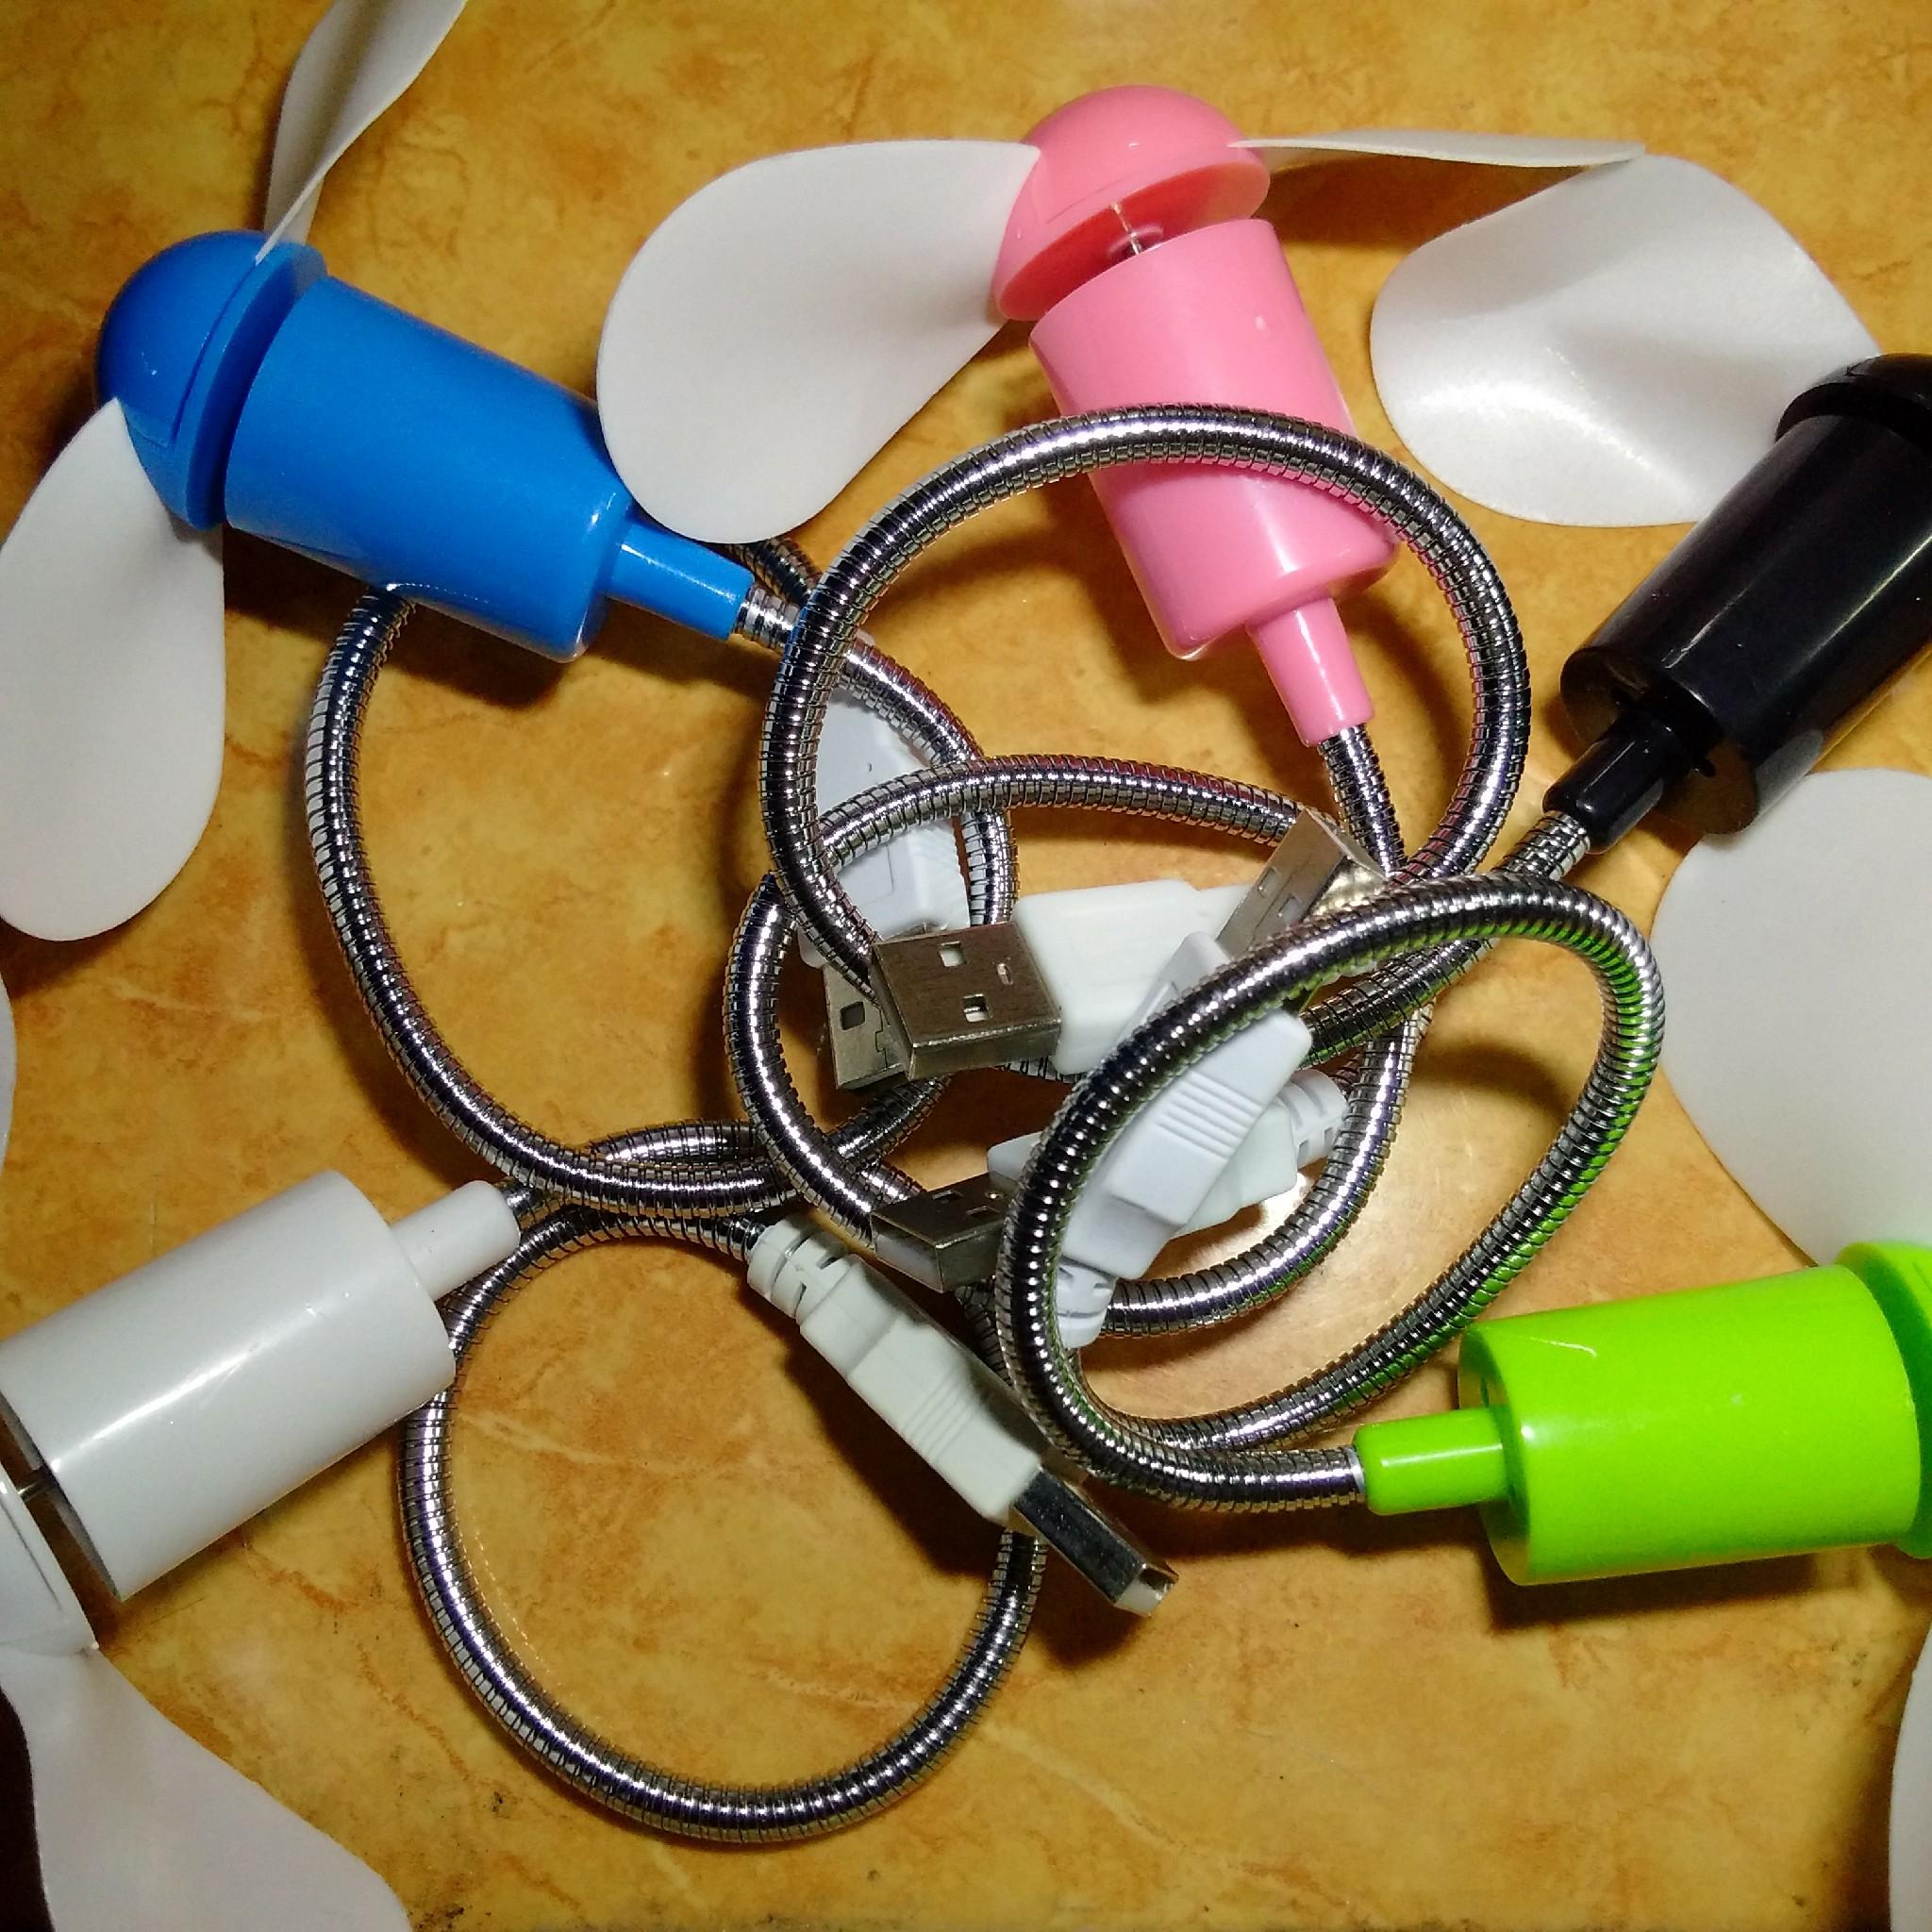 harga KIPAS ANGIN USB TERMURAH SURABAYA Tokopedia.com